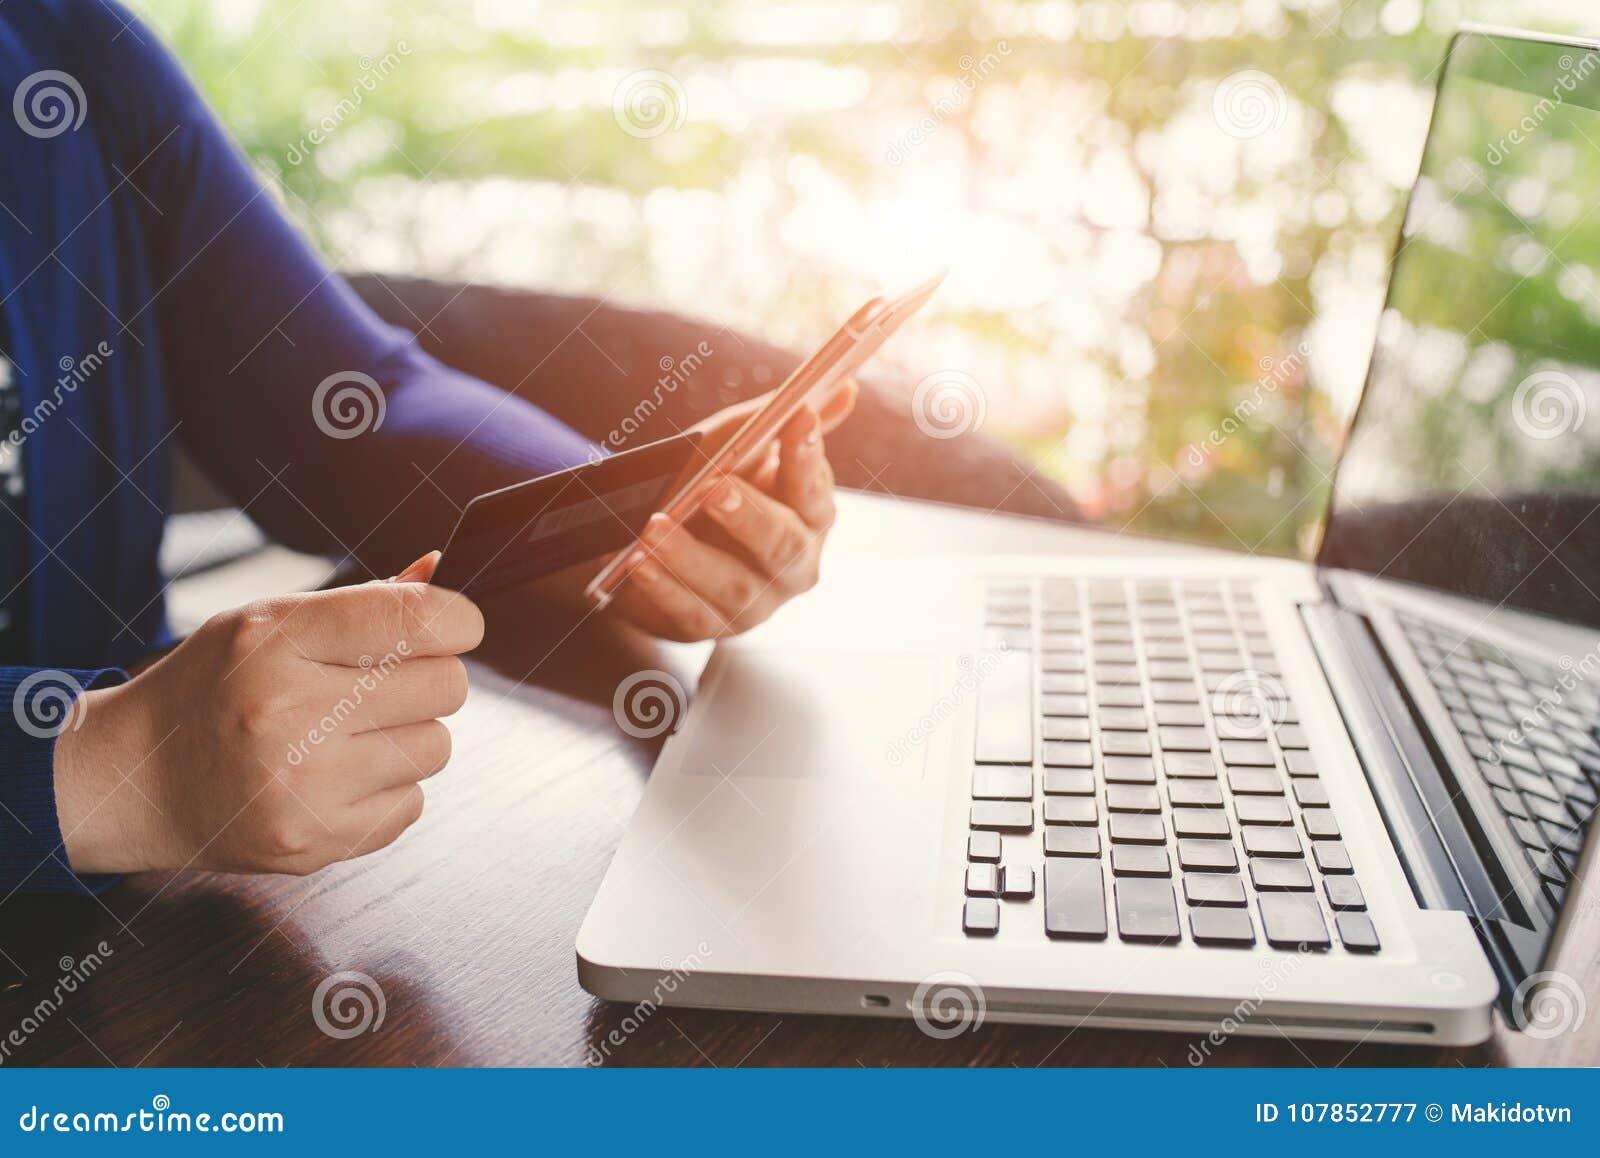 Mobilne zapłaty Kobieta wręcza używać smartphone f i kredytową kartę